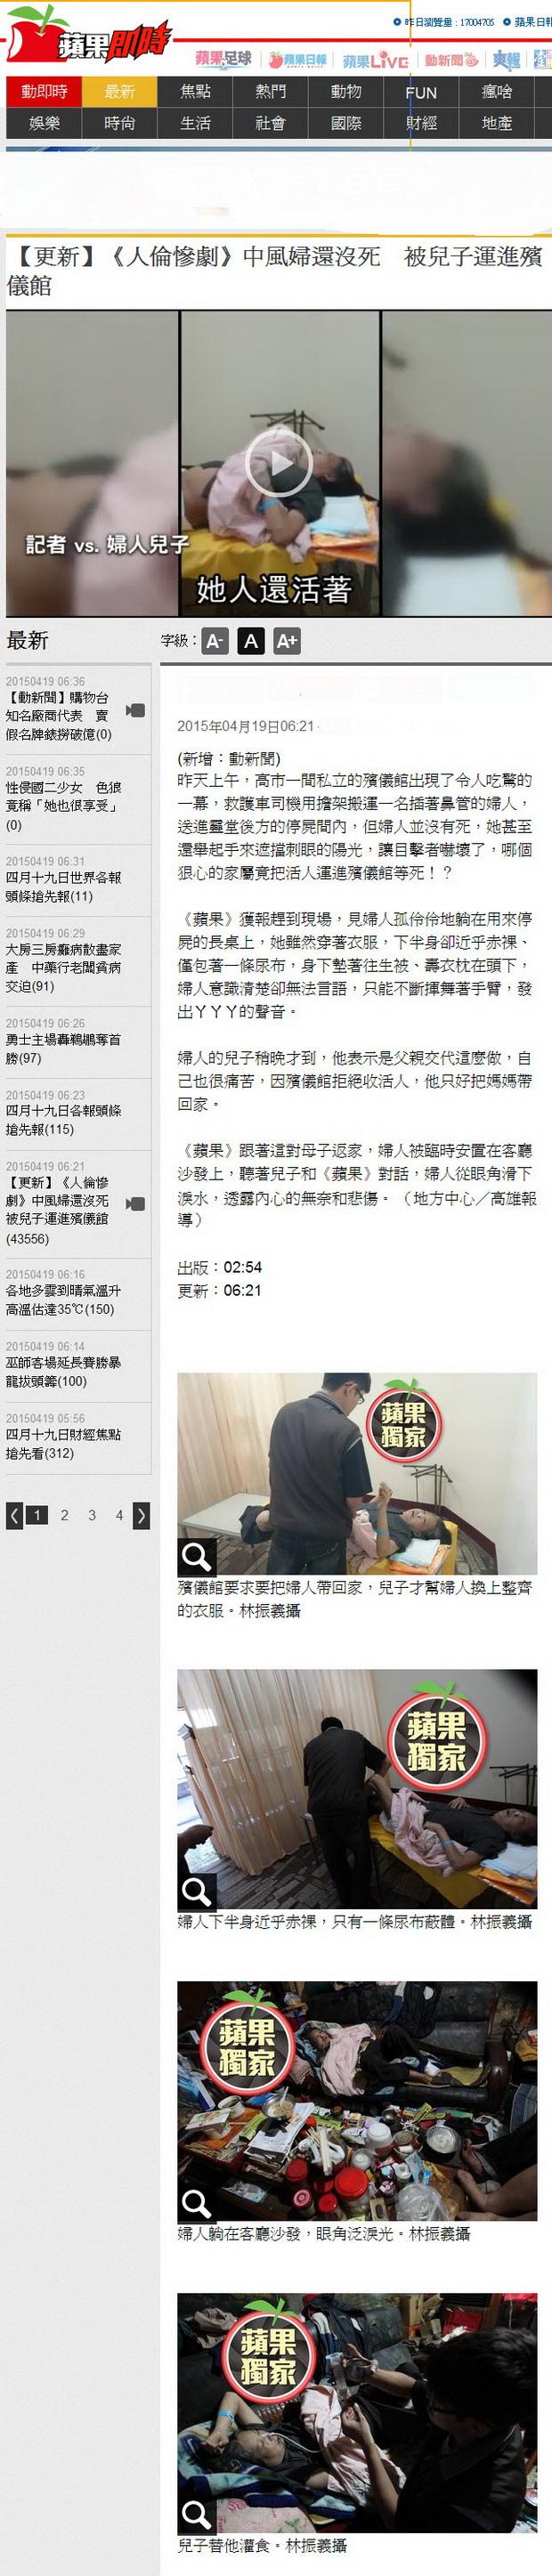 】《人倫慘劇》中風婦還沒死 被兒子運進殯儀館-2015.04.19.jpg